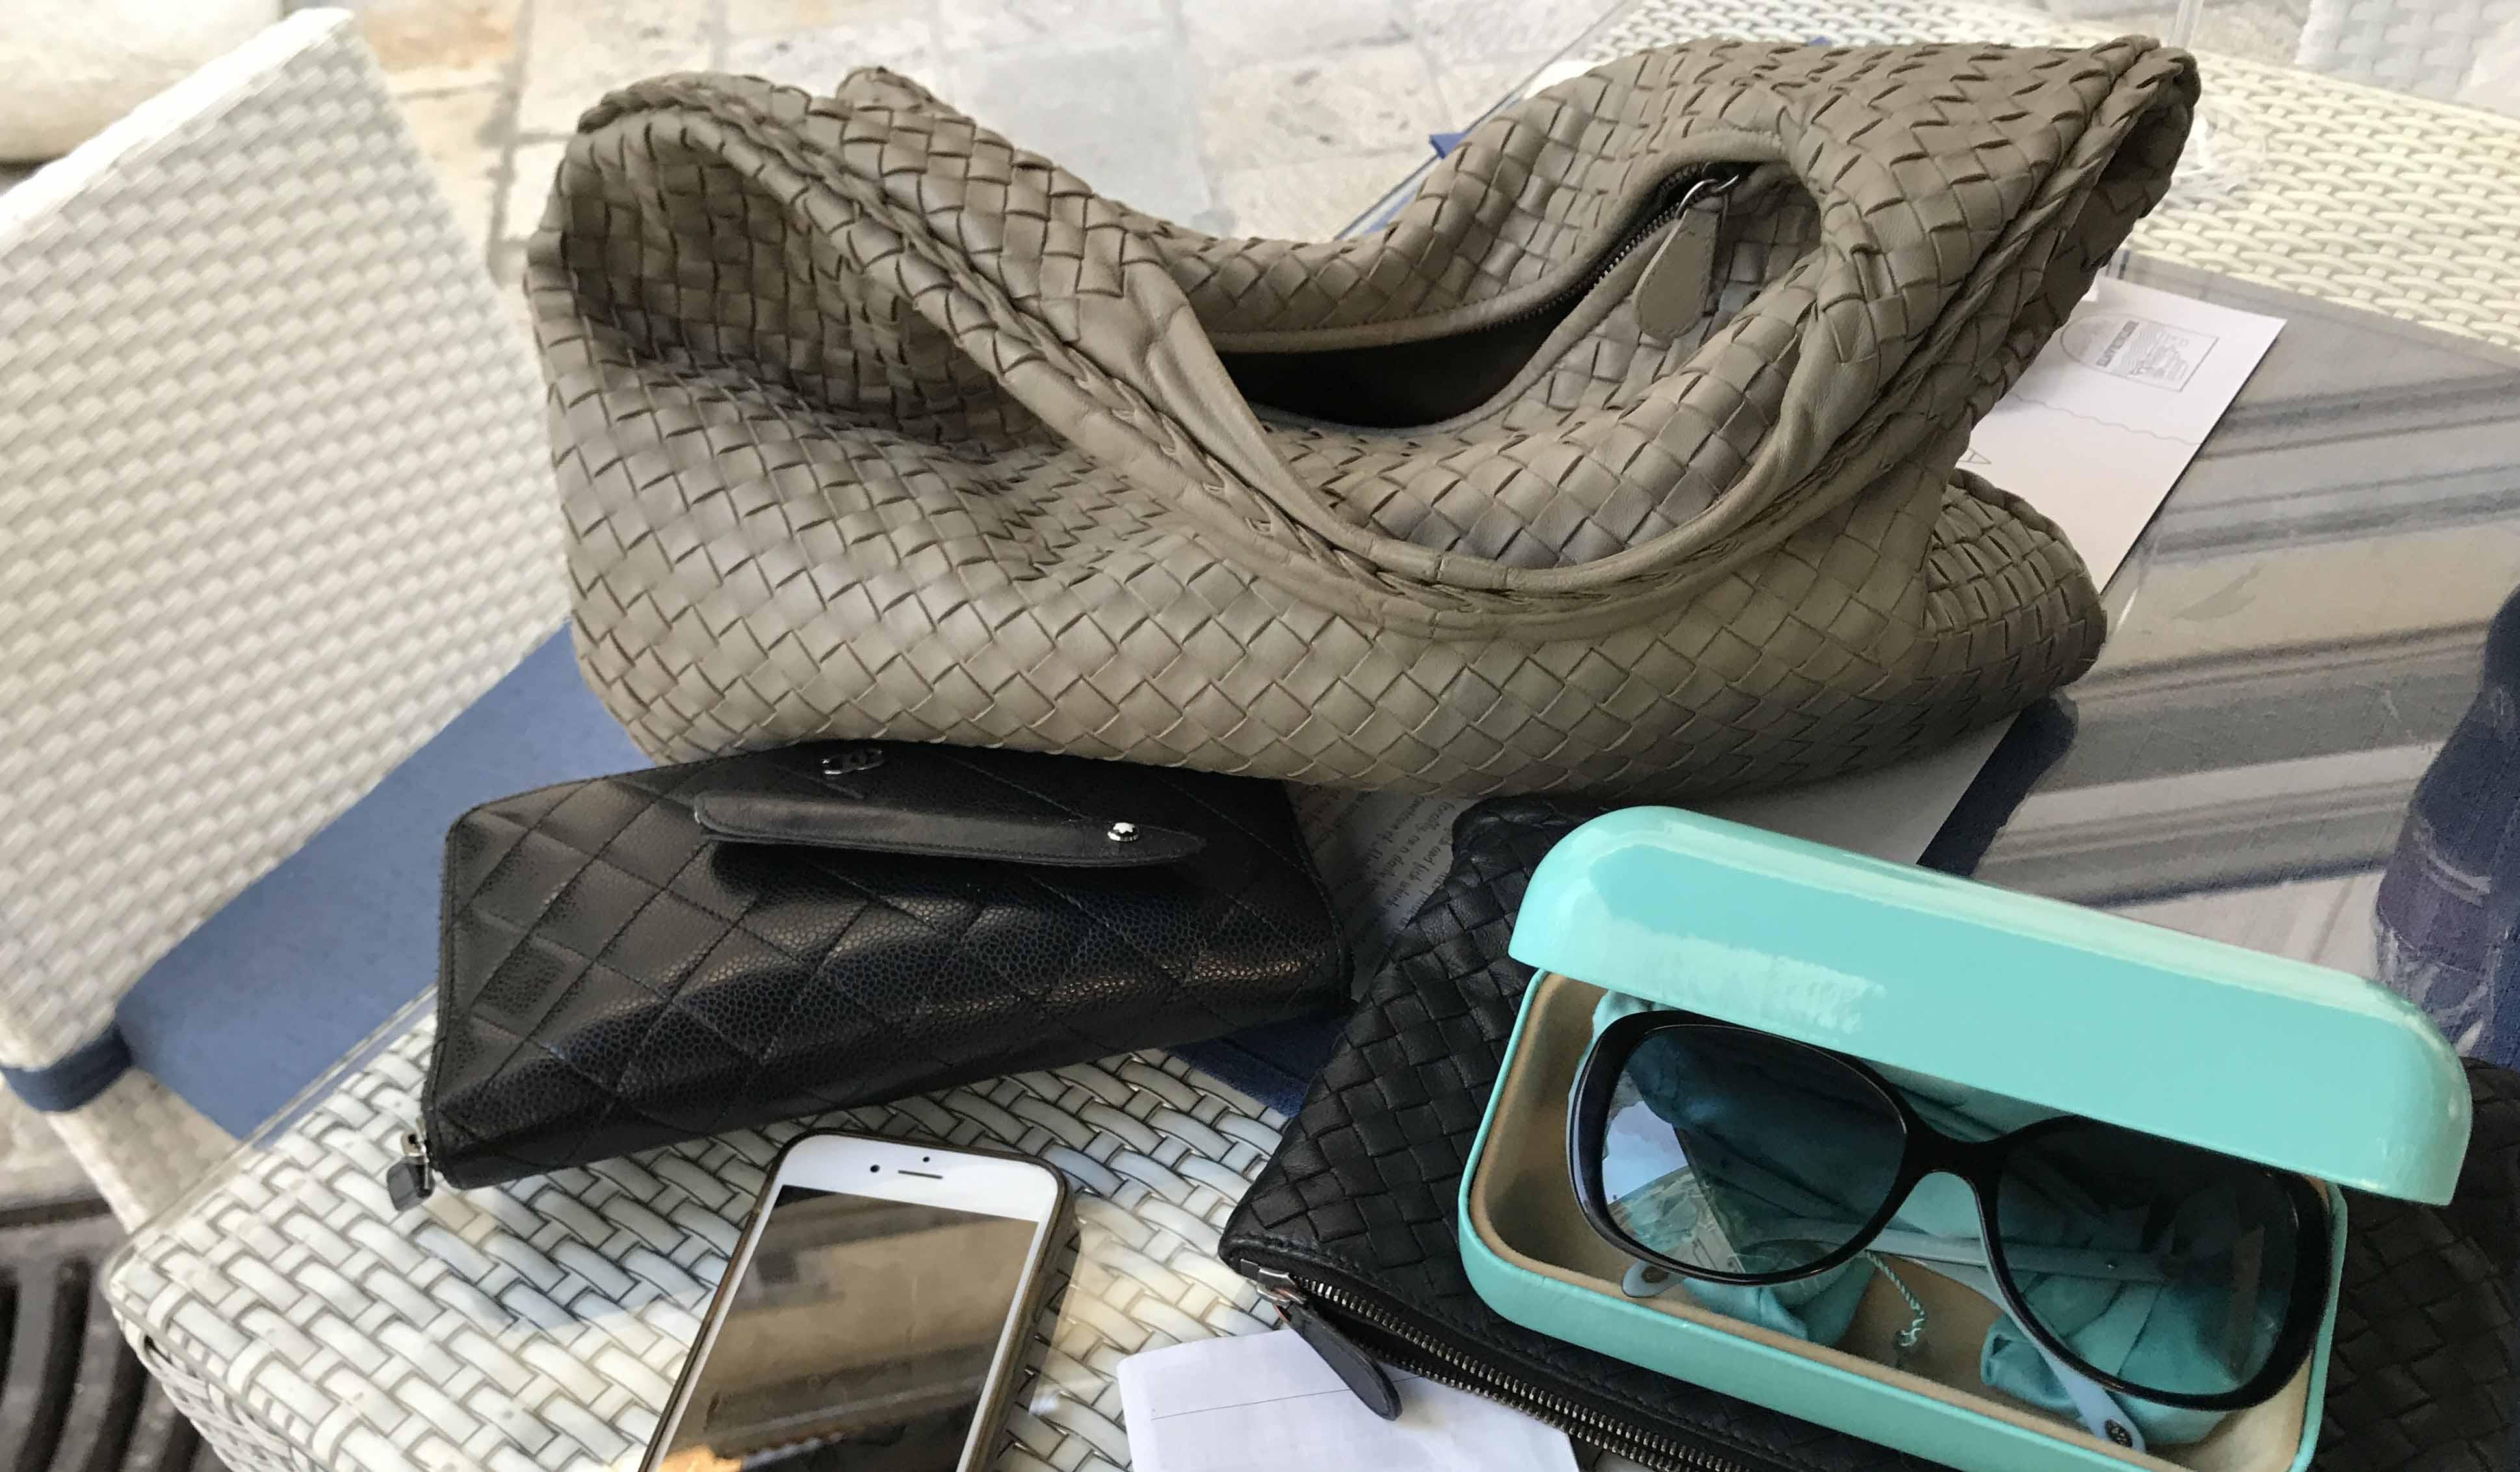 Handtascheninhalt von Tina Lüneburgs Tasche